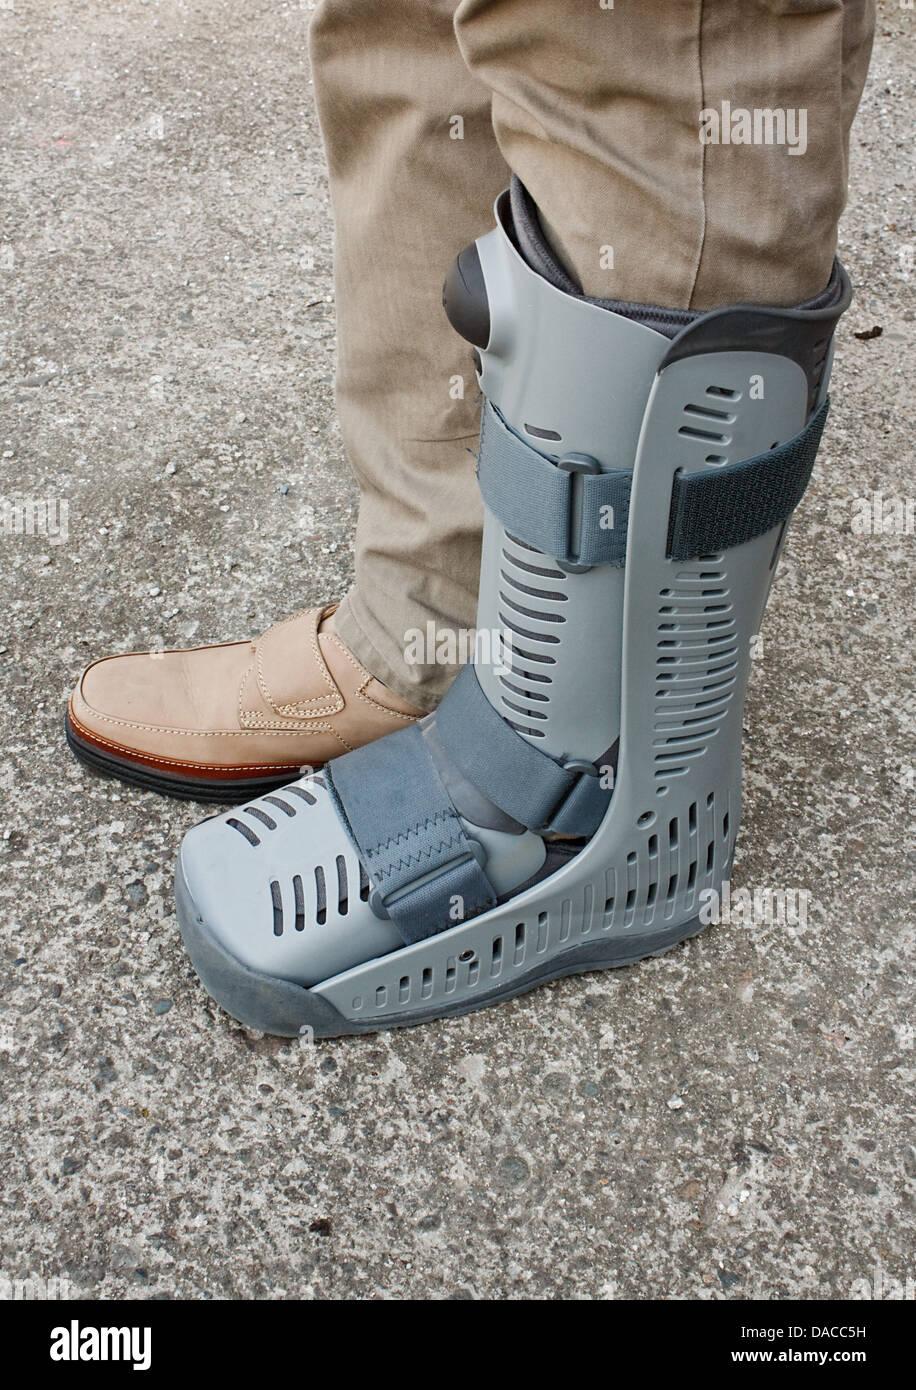 Funda de compresión en el tobillo que recientemente ha sufrido la lesión o intervención quirúrgica Imagen De Stock